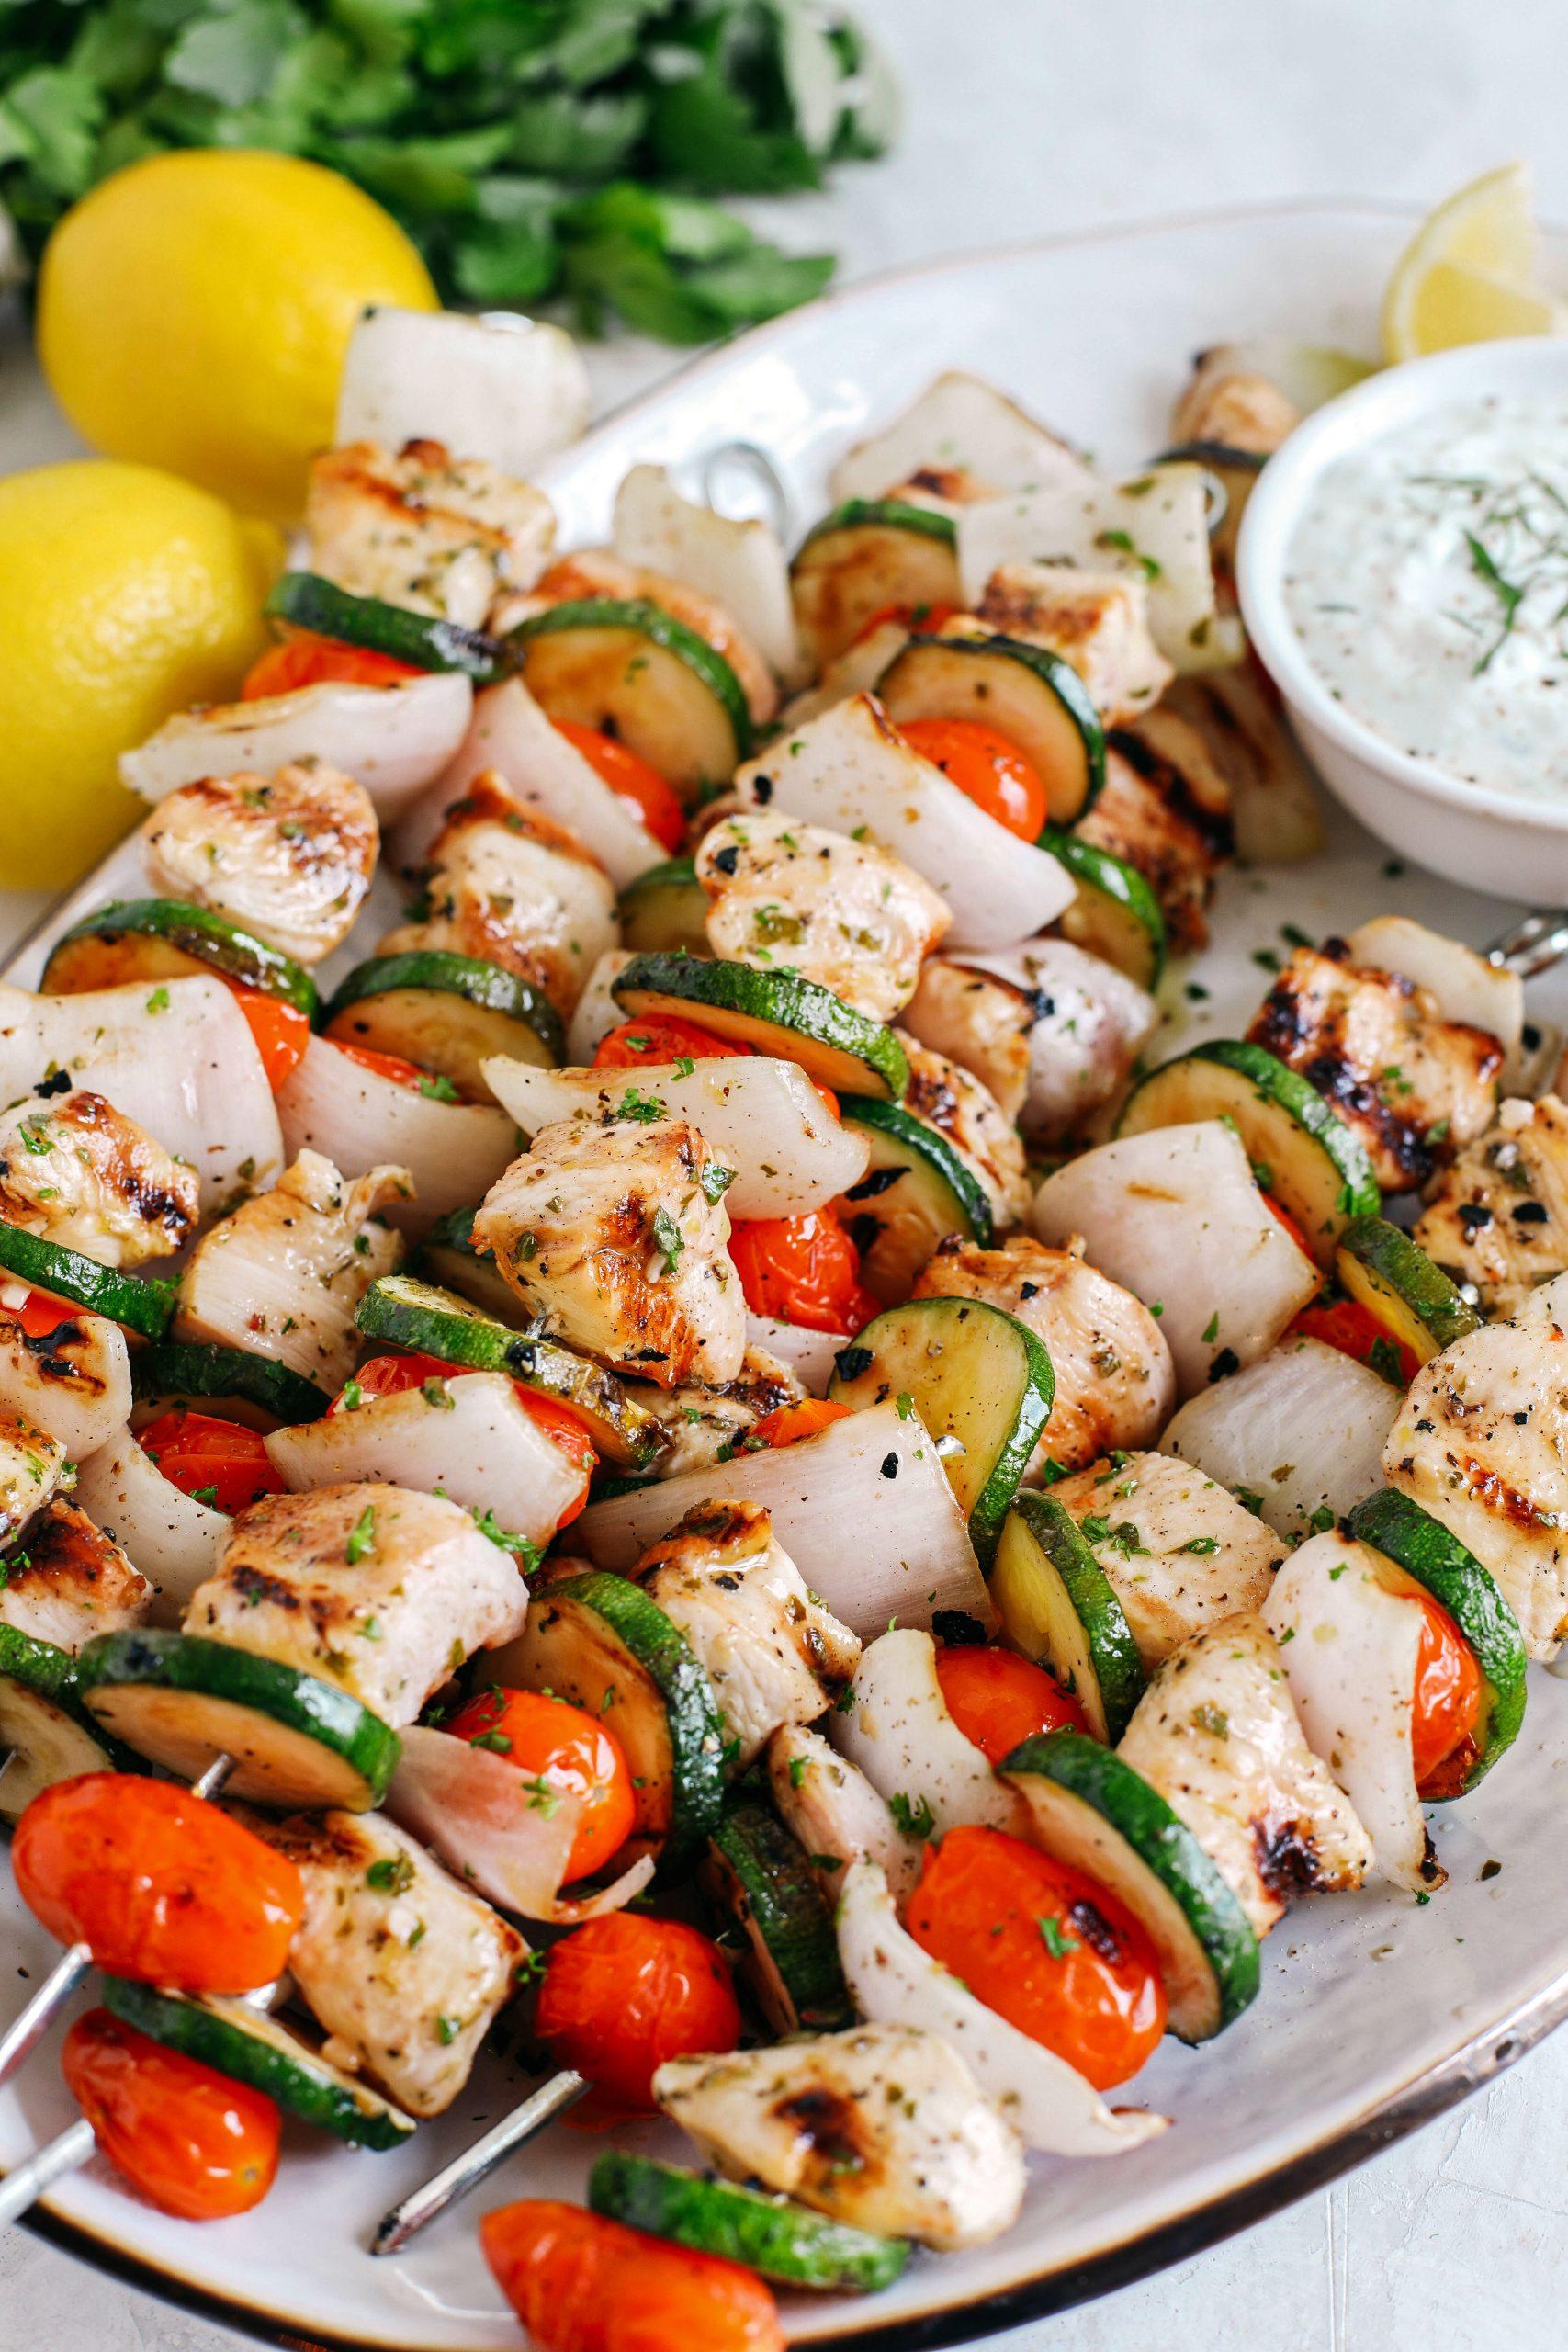 Espetinhos de frango grego super saborosos marinados com suco de limão picante, alho e ervas frescas e servidos com o mais delicioso molho tzatziki caseiro!